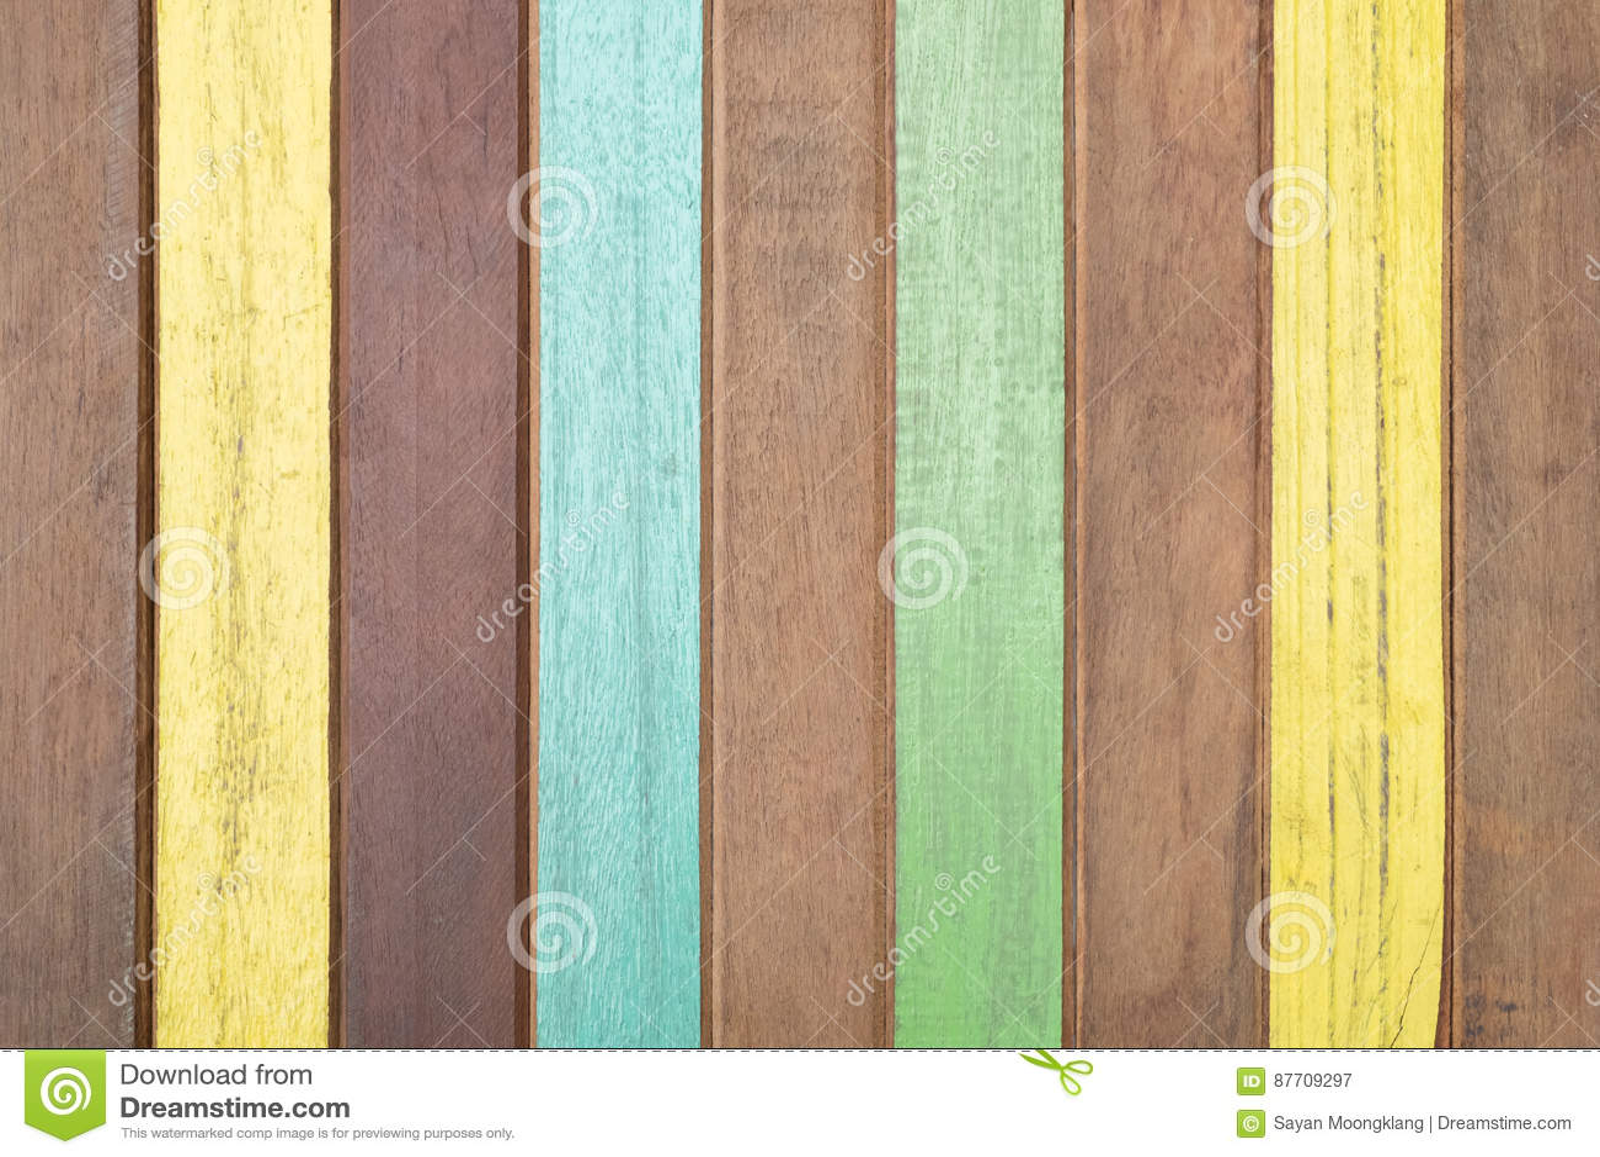 Planches peintes et planches en bois pour le fond